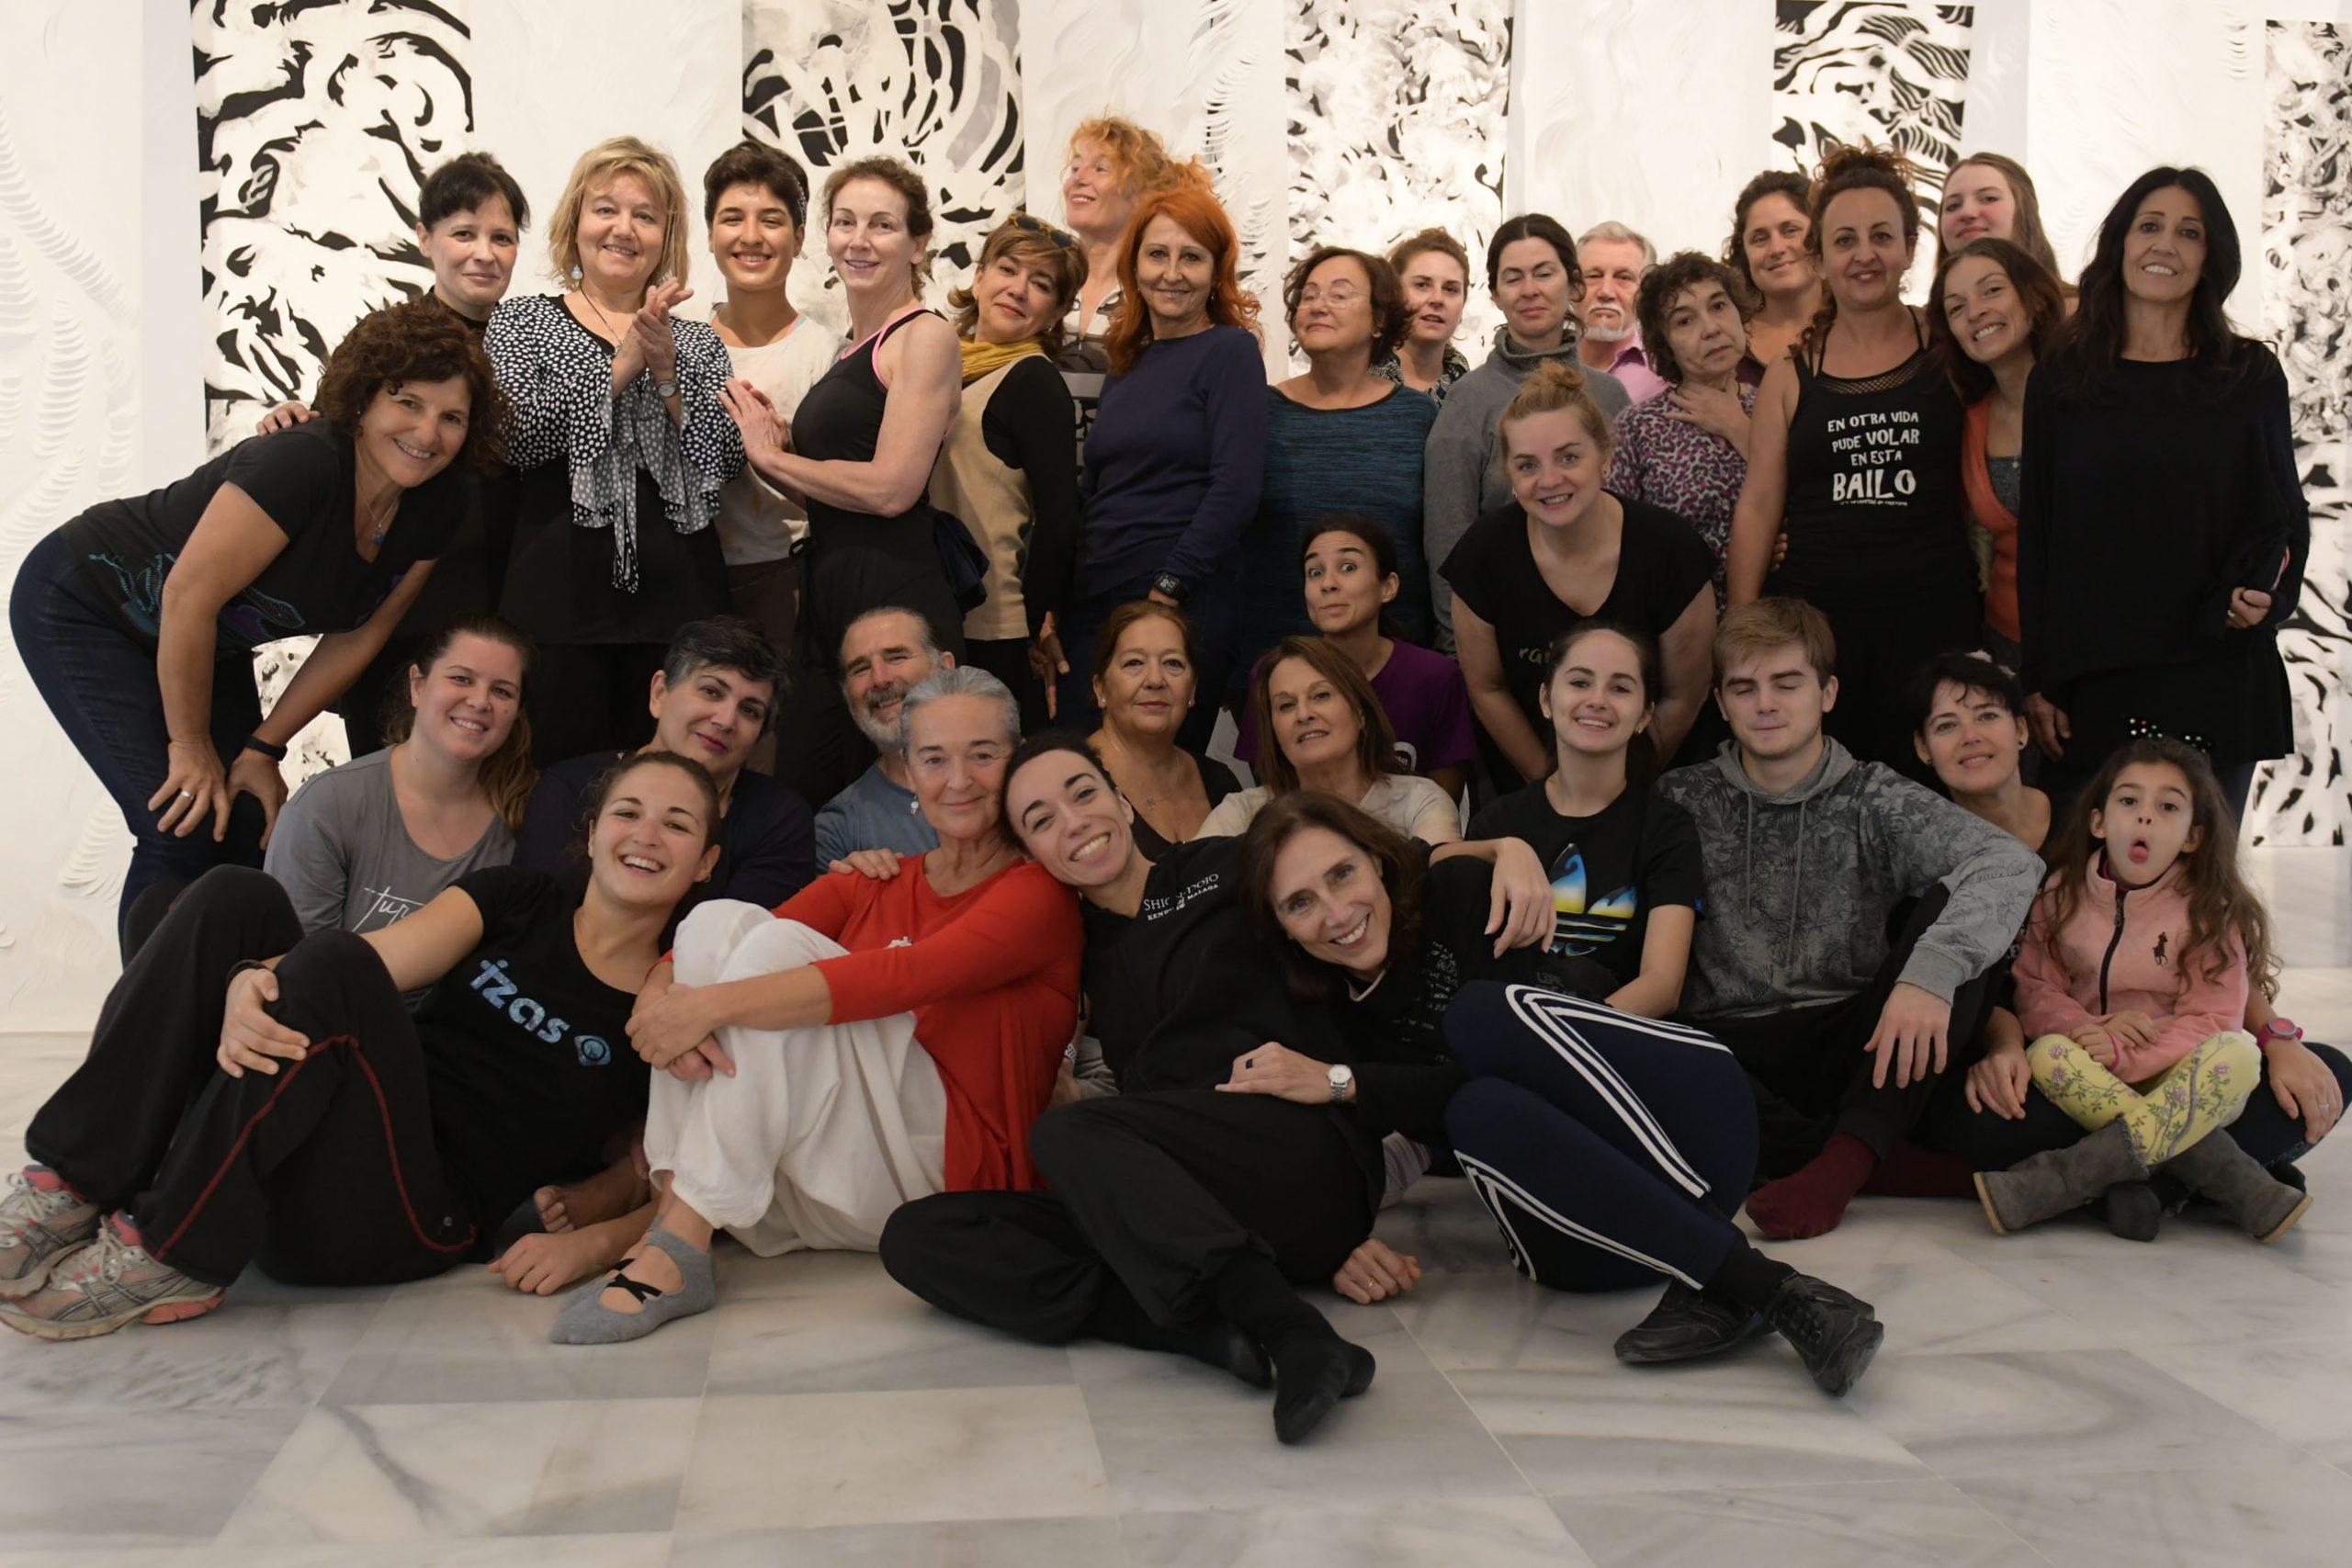 """Se inicia el curso """"Los ritmos de la vida, el movimiento saludable"""", en la Escuela de Danza UCA en Cádiz"""